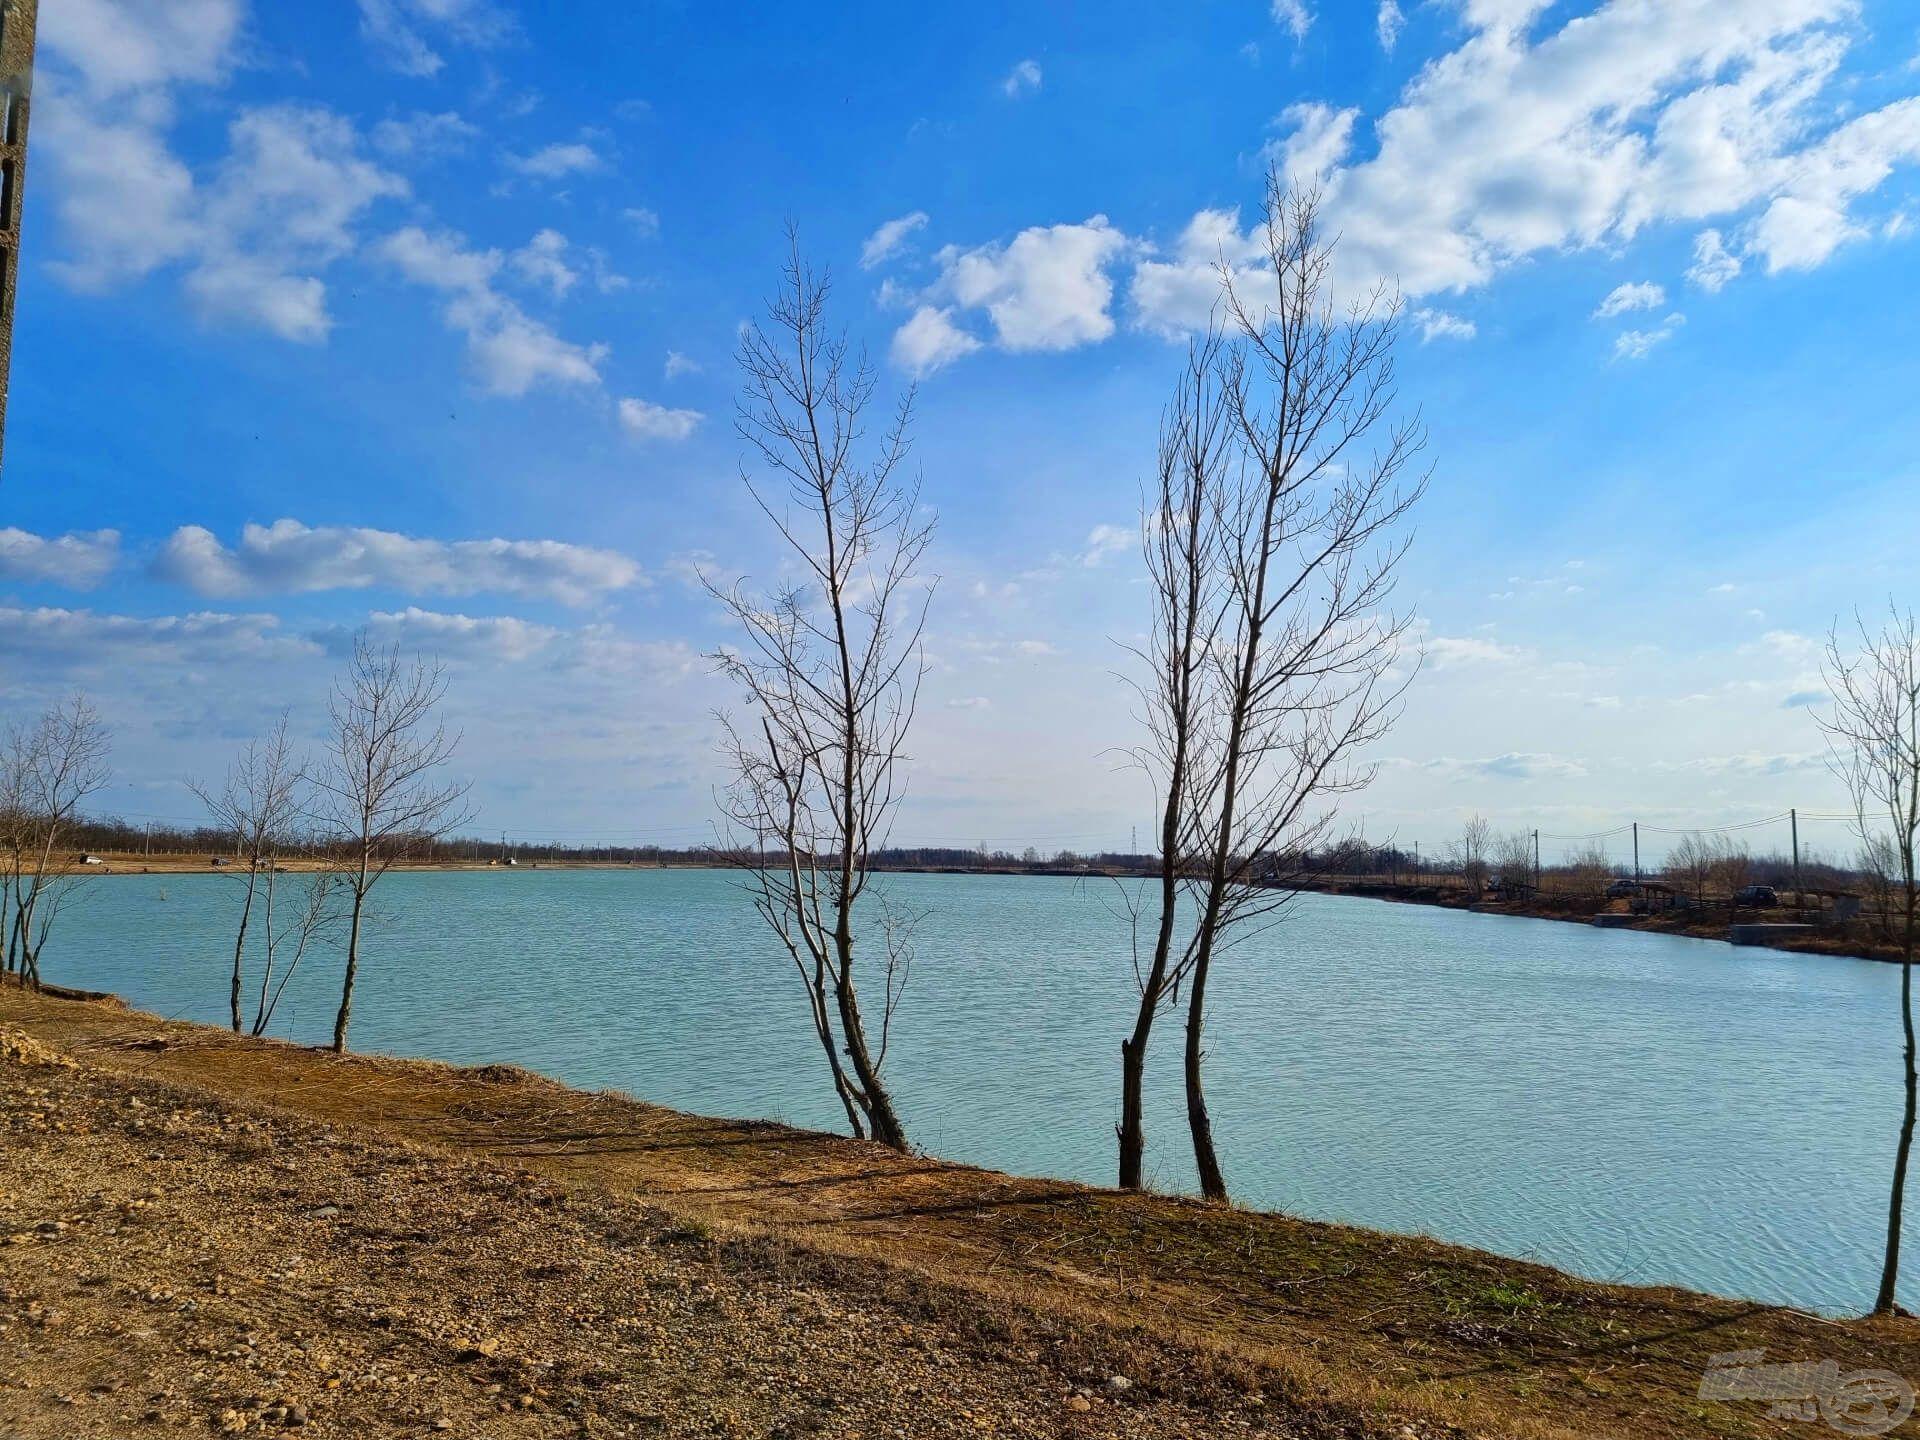 """A tó formája ugyan szögletes, de cseppet sem csúfolható """"kockatónak"""". A kristálytiszta, terjedelmes vízterületen feederes, bojlis, úszós vagy éppen pergető horgászok egyaránt megtalálhatják számításukat"""